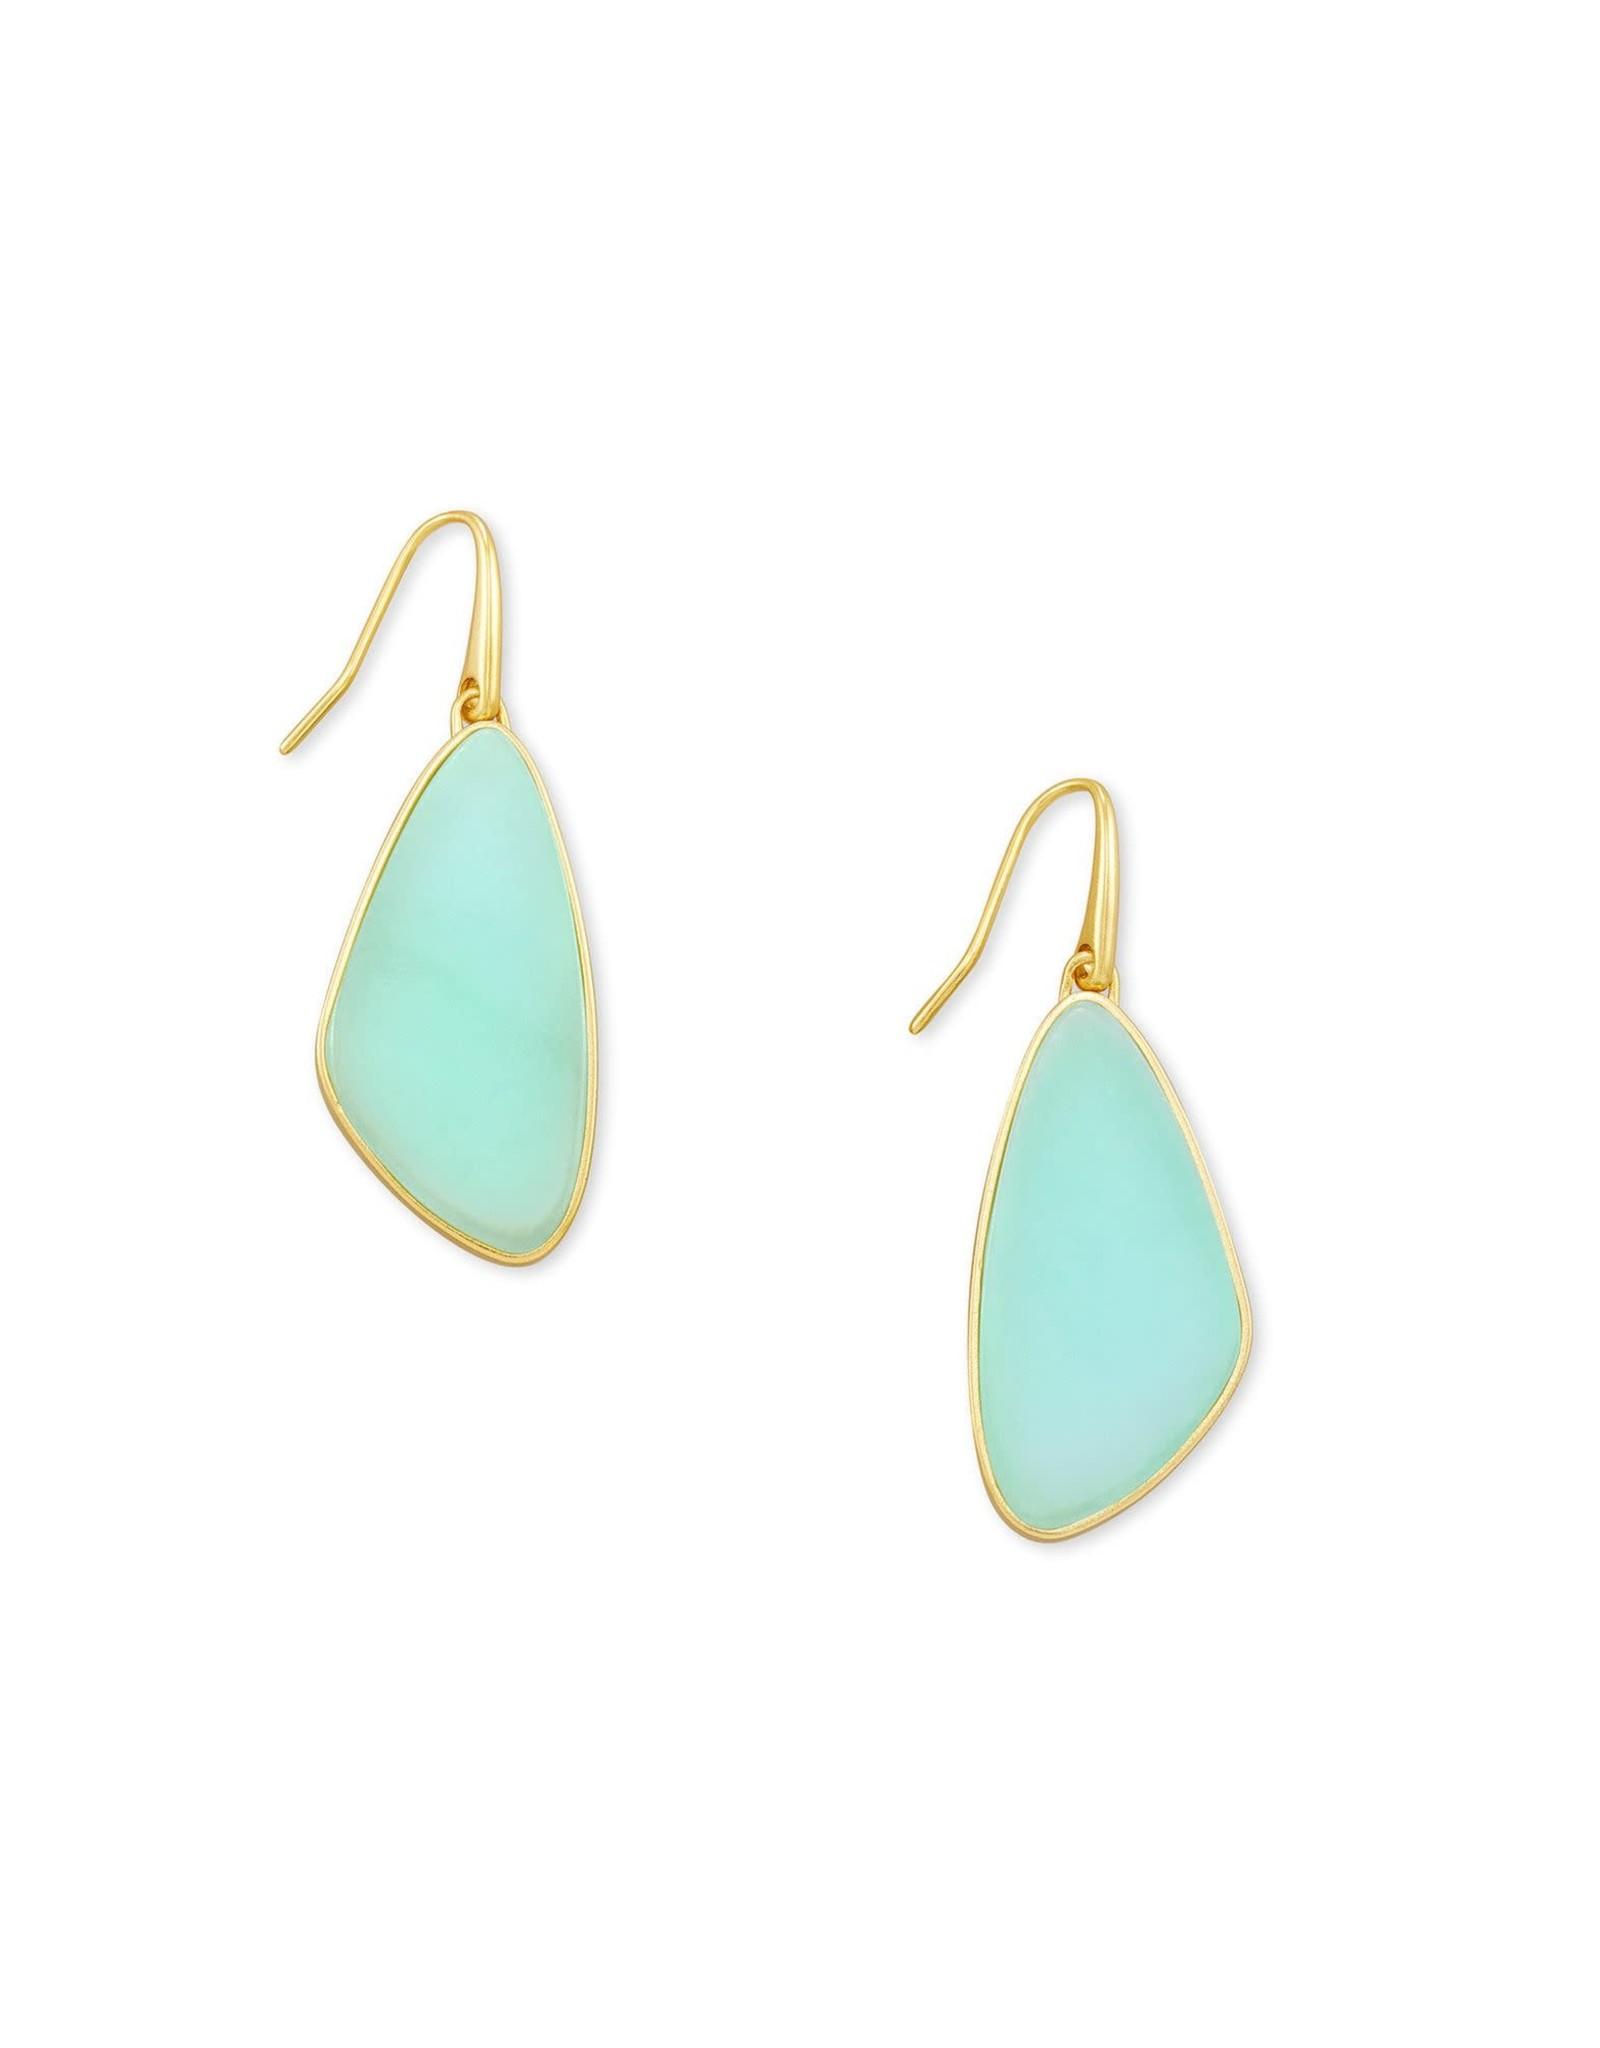 Kendra Scott McKenna Small Drop Earring - Matte Iridescent Mint/Gold